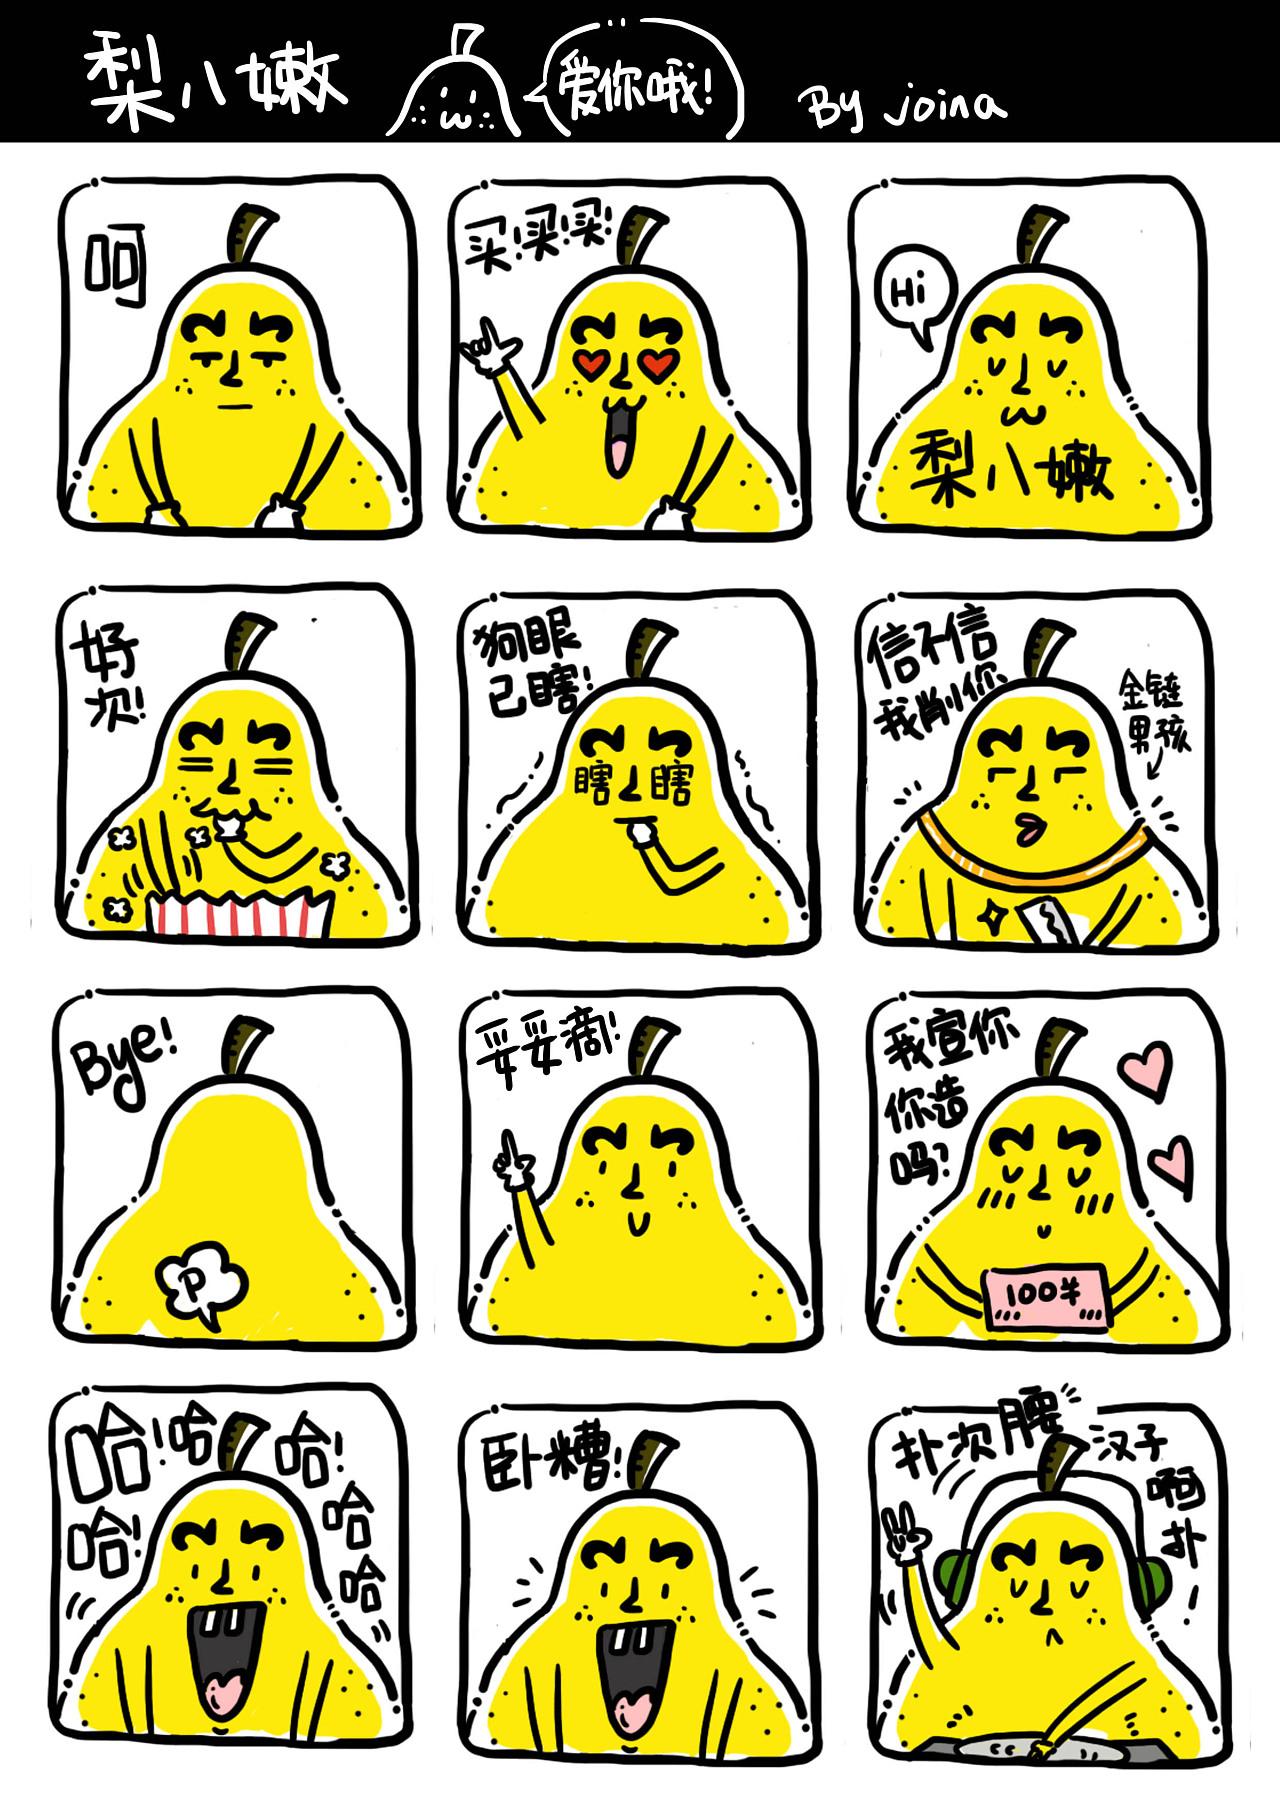 梨八嫩life动漫以及表情系列|漫画|单幅漫画|jo的母插画香图片